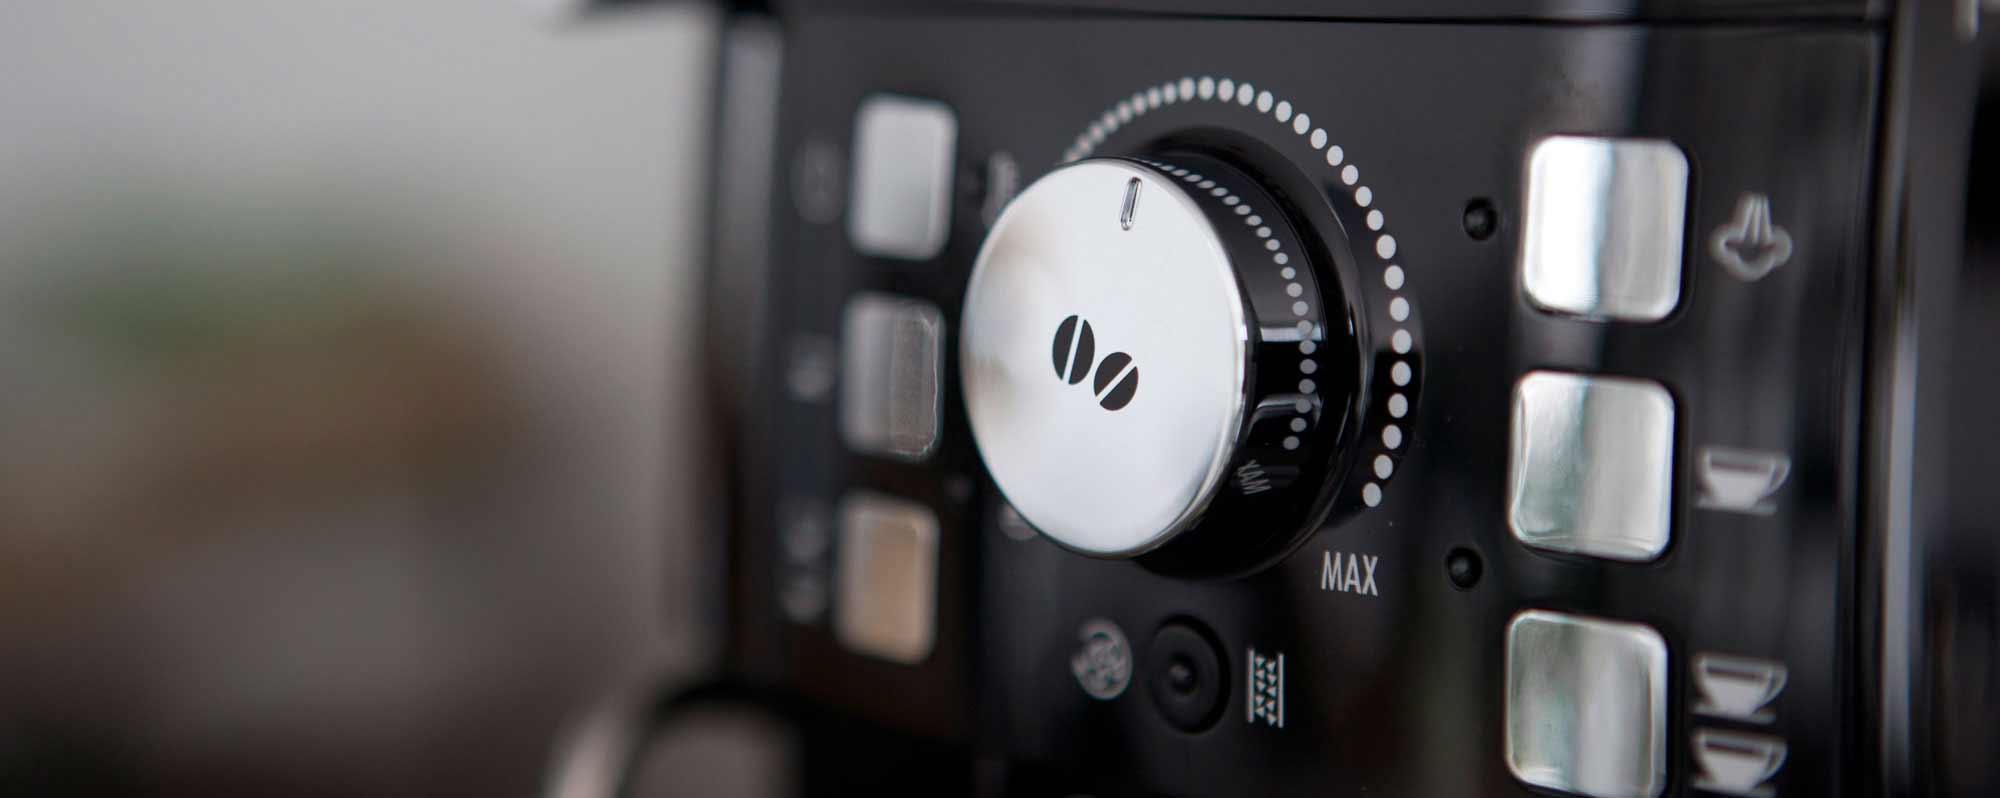 Kaffeevollautomaten Reparatur und Wartung